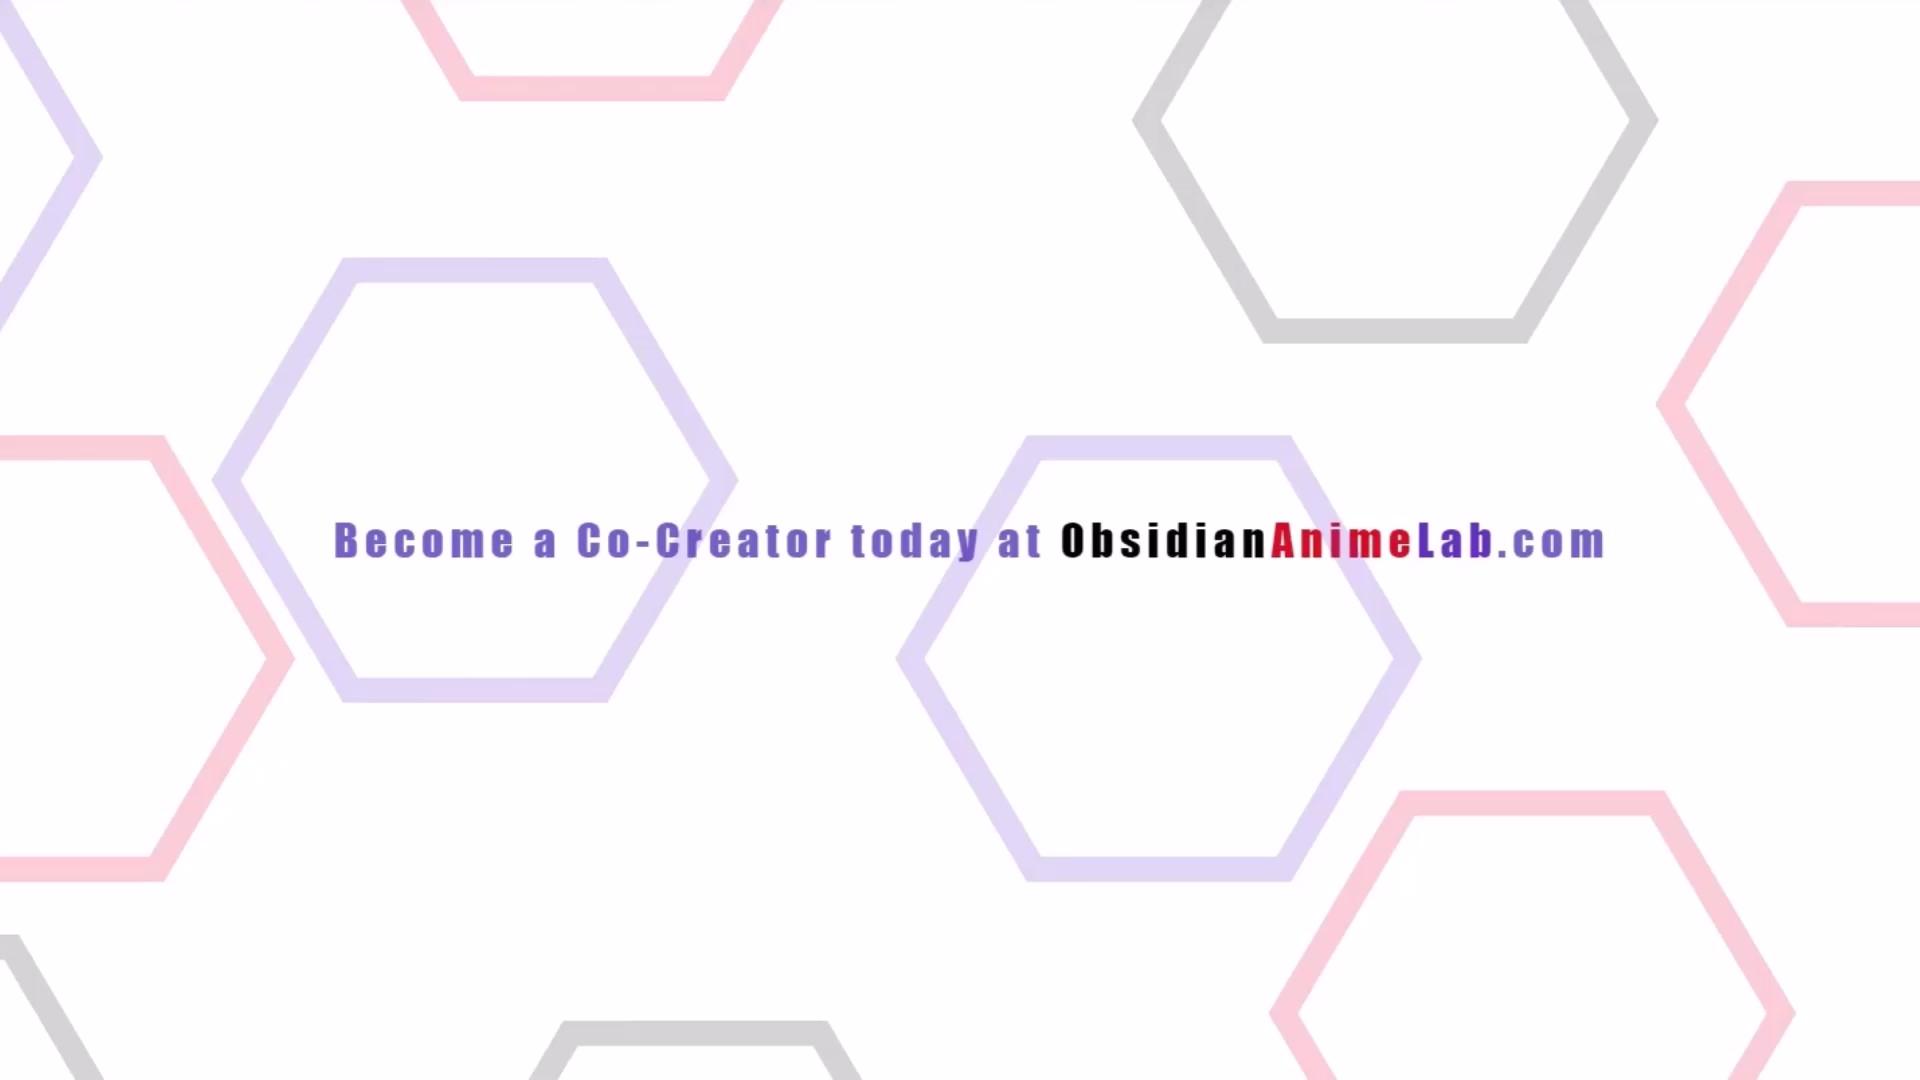 Oal Website